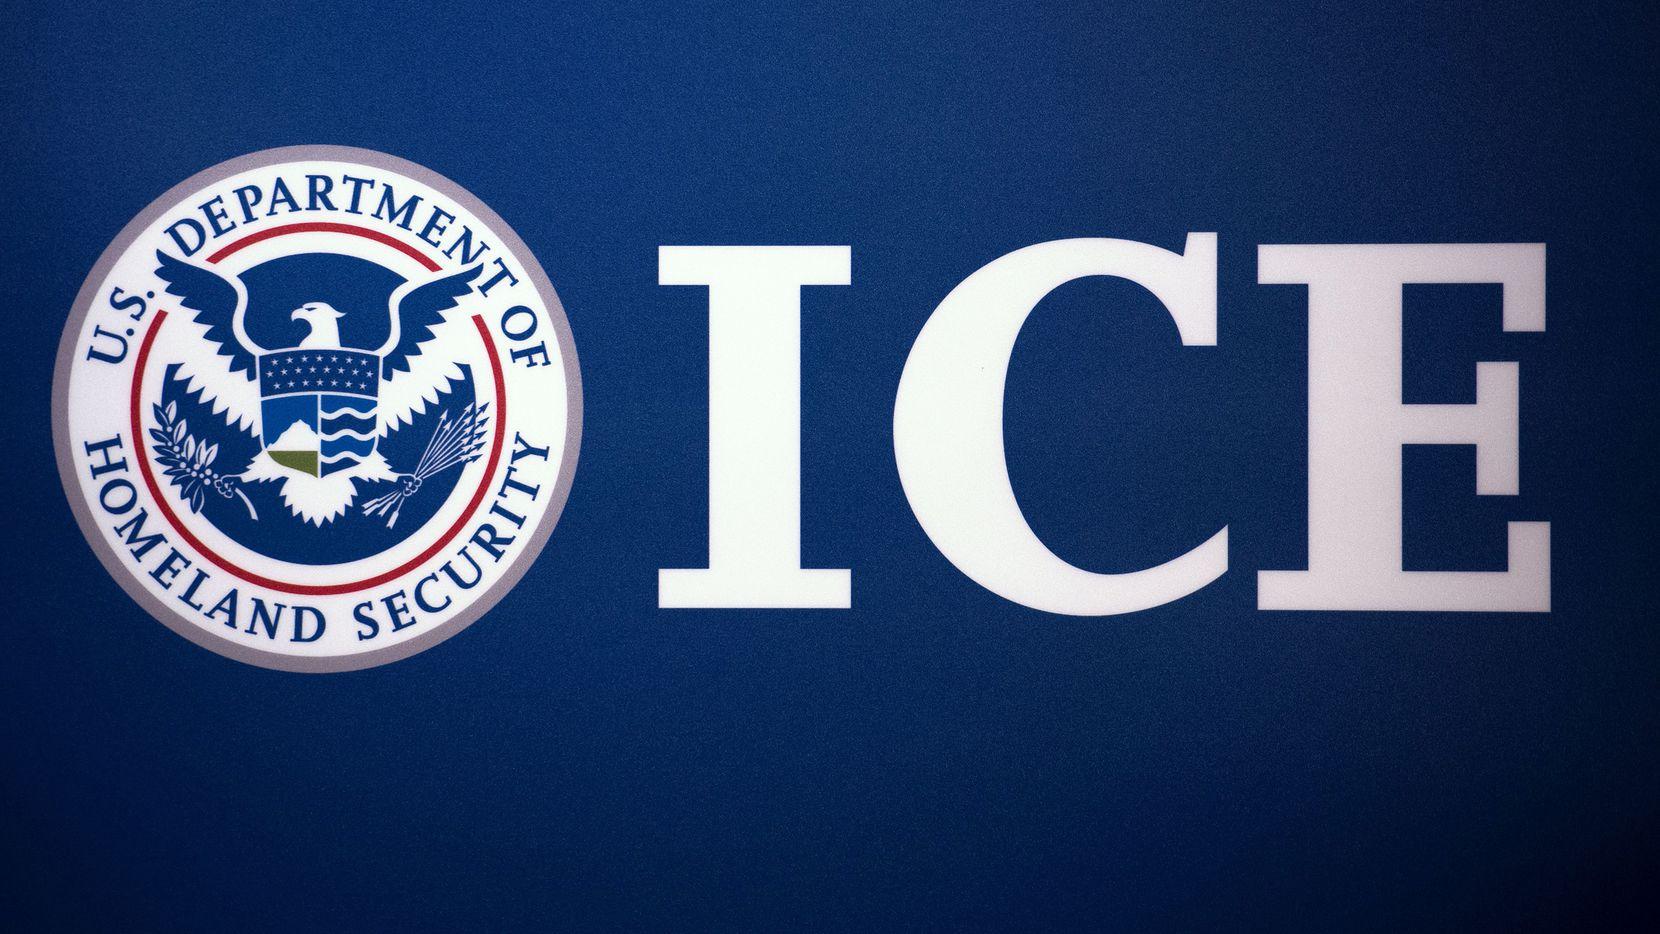 ICE emitió una alerta sobre impostores que le piden dinero o hasta favores sexuales a cambio de supuestos beneficios de migración que resultan ser falsos.